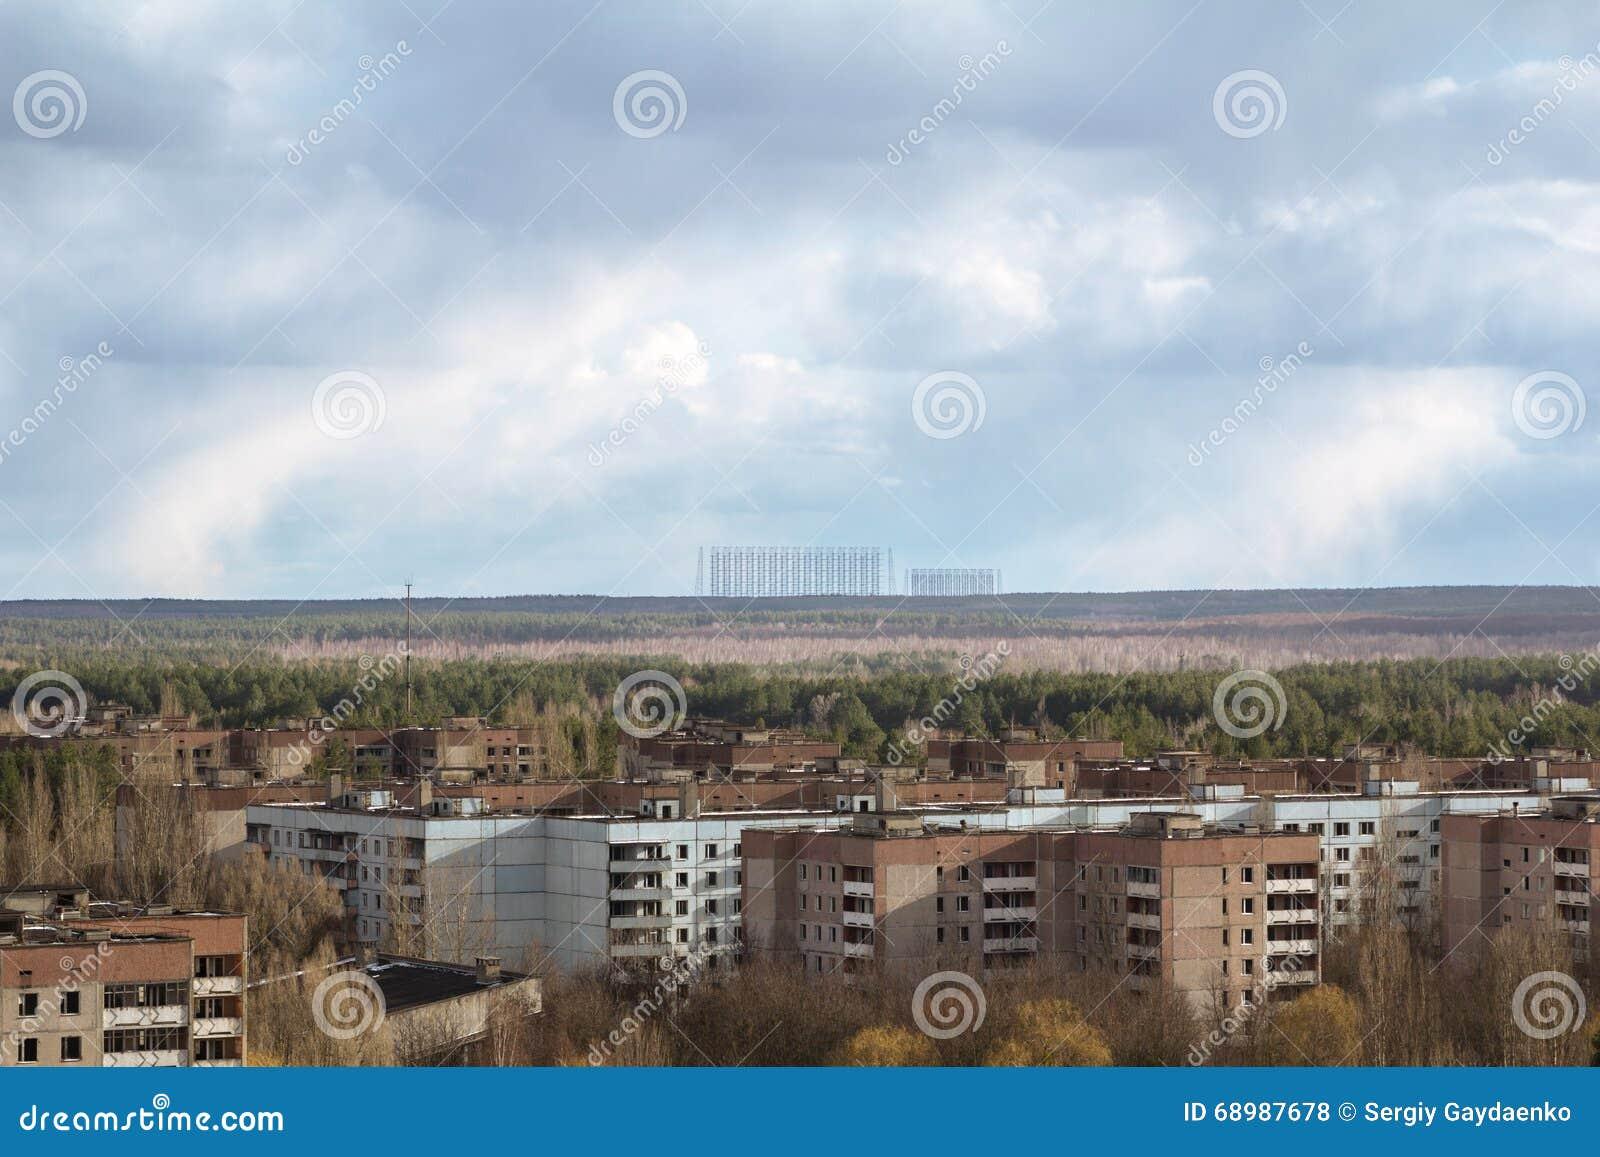 Ucrania Zona de exclusión de Chernóbil - 2016 03 19 Edificios en la ciudad abandonada de Pripyat